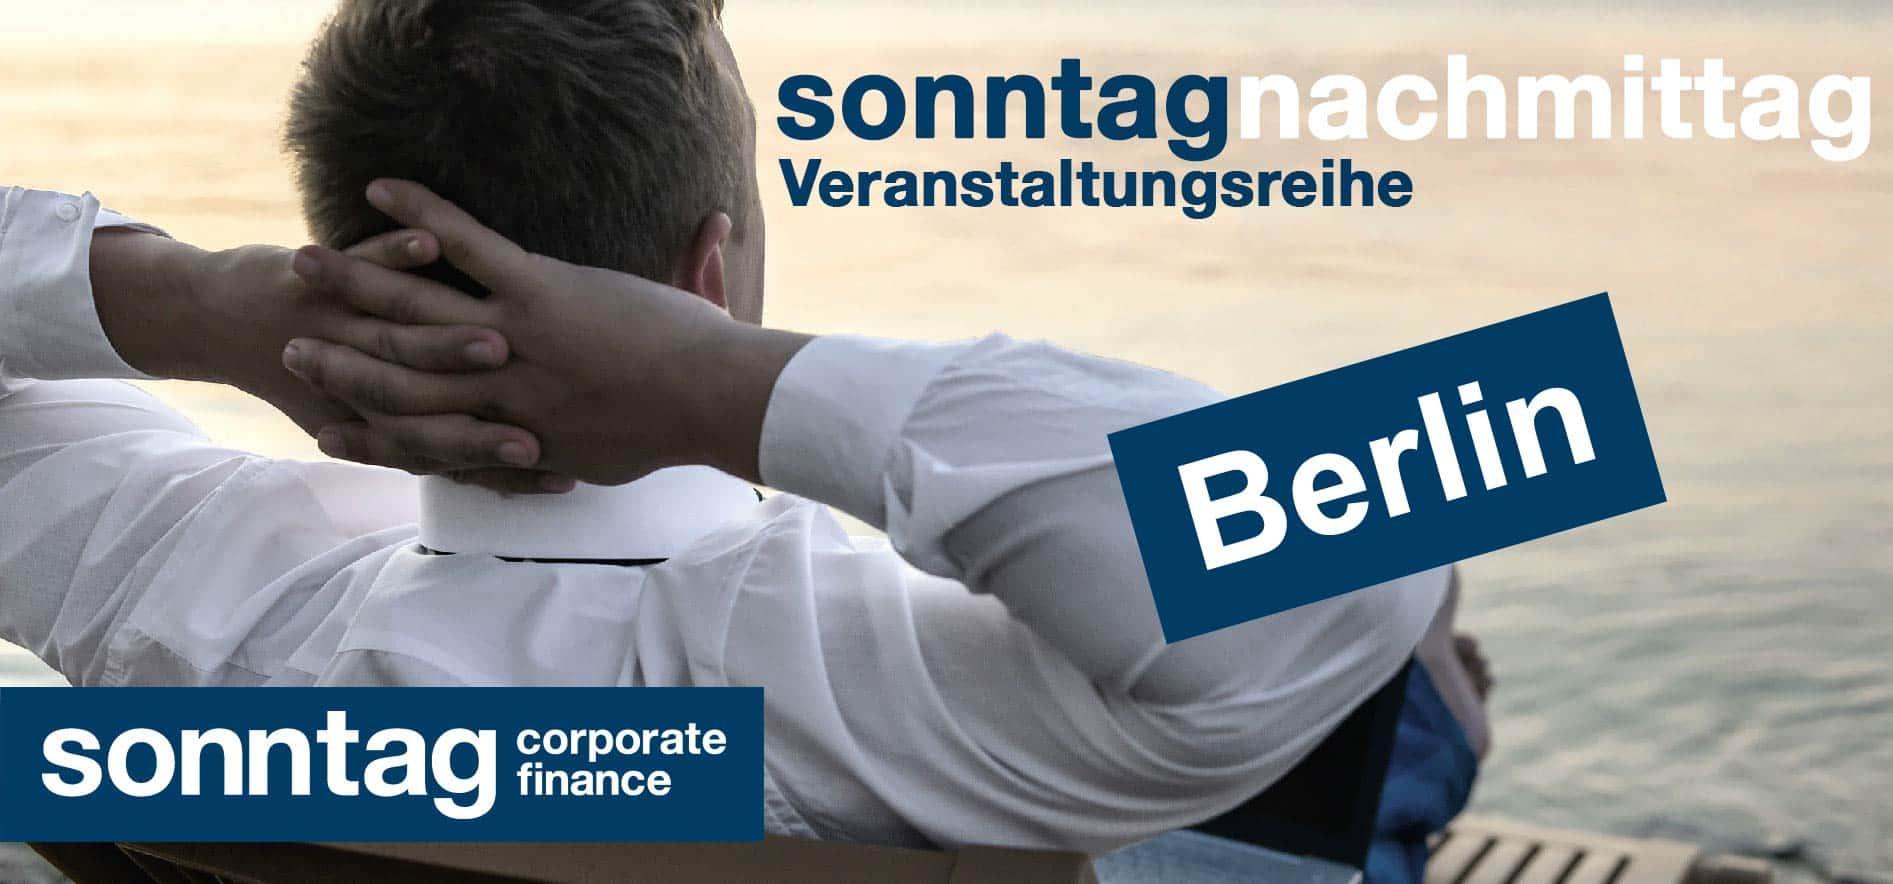 sonntagNachmittag: simplify your life für Unternehmer - Berlin